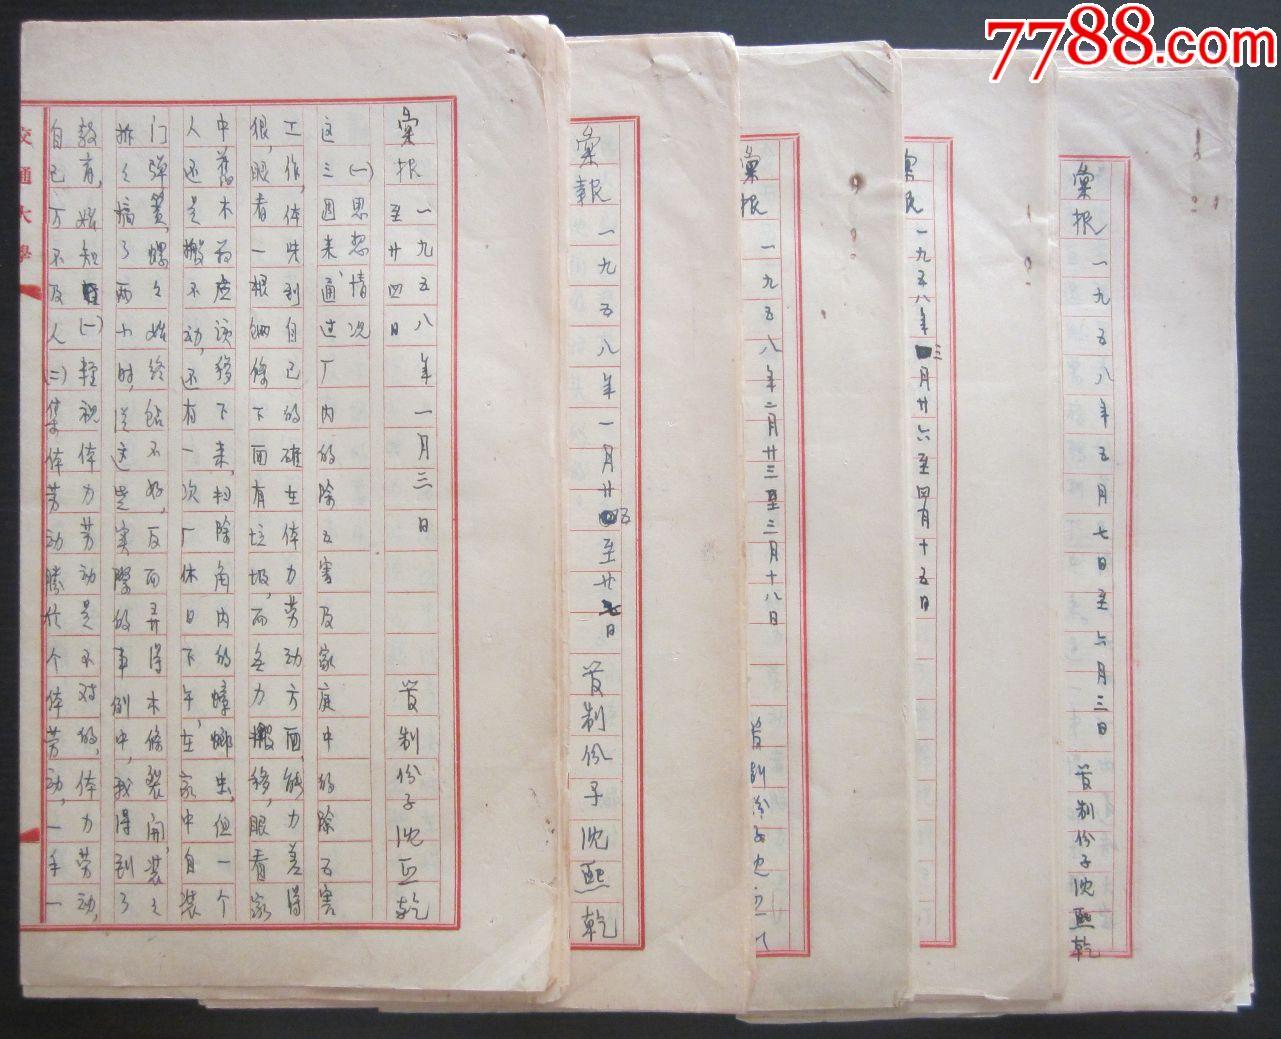 1958年沈熙乾�R�蟛牧弦槐荆ò��])(au21391554)_